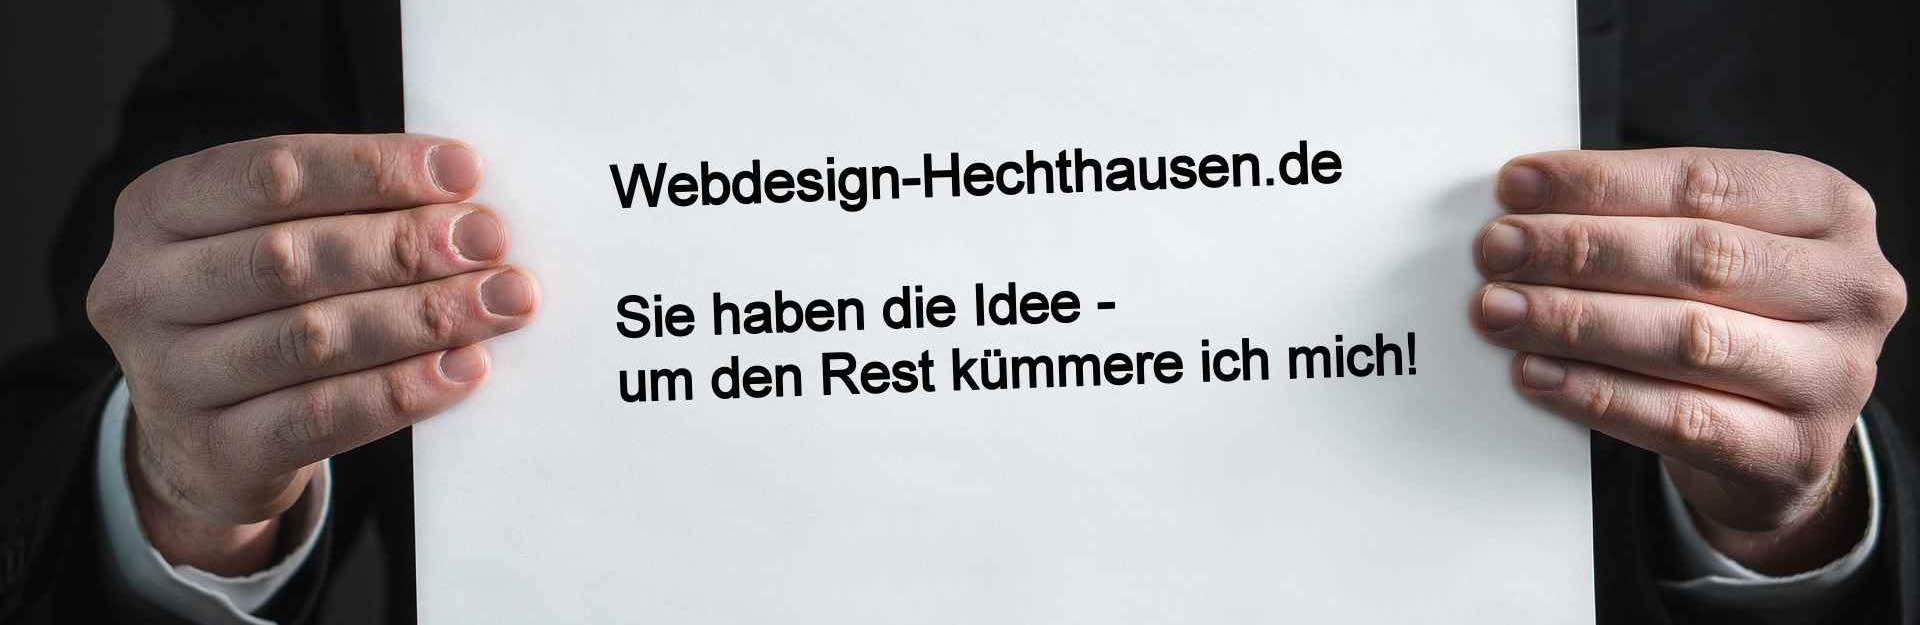 Webdesign Hechthausen Homepage Website Stade Cuxhaven Hemmoor